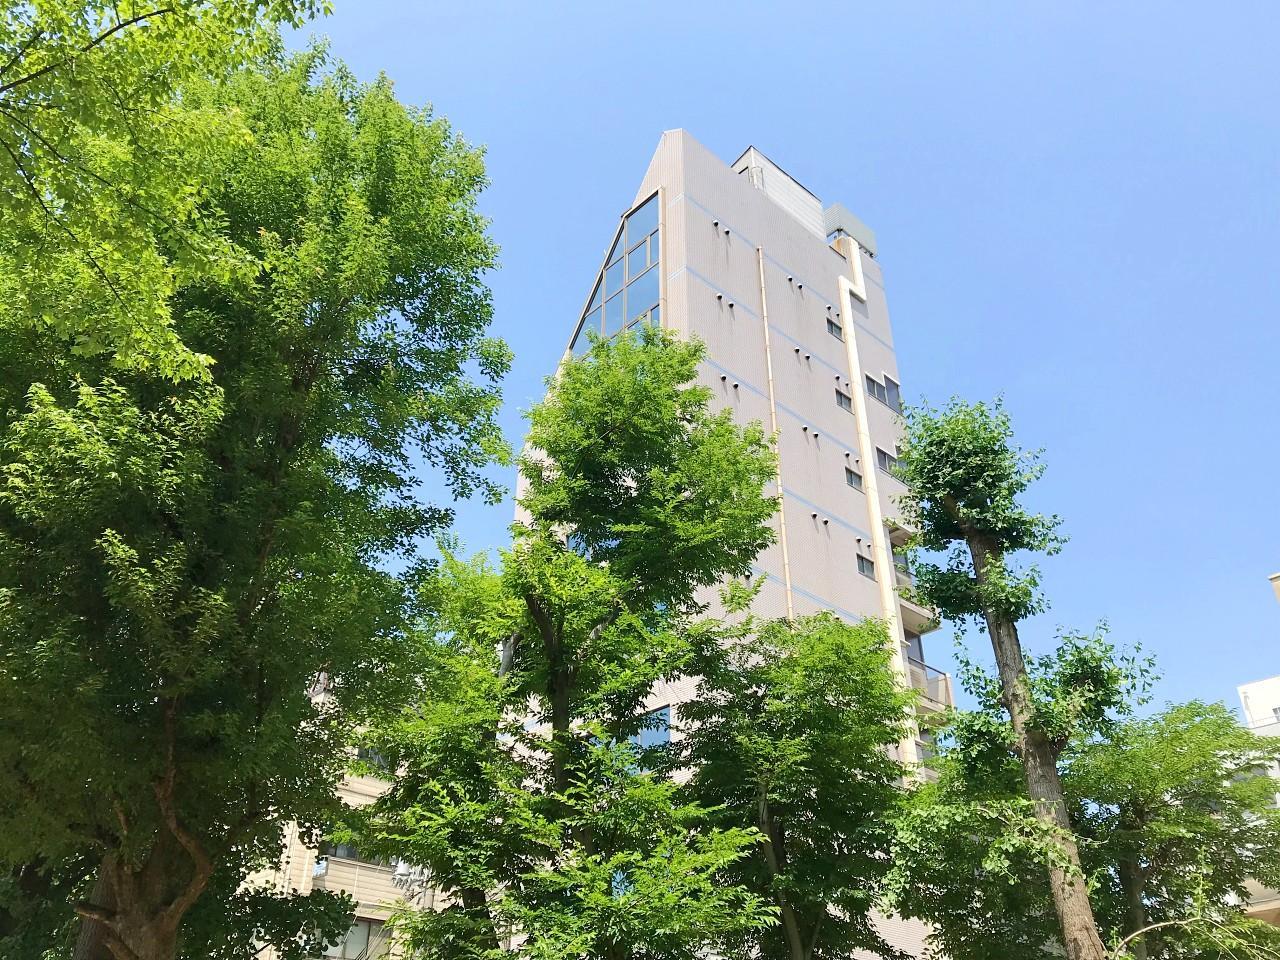 木立の上に現れるは… (大阪市西区京町堀1丁目の物件) - 大阪R不動産